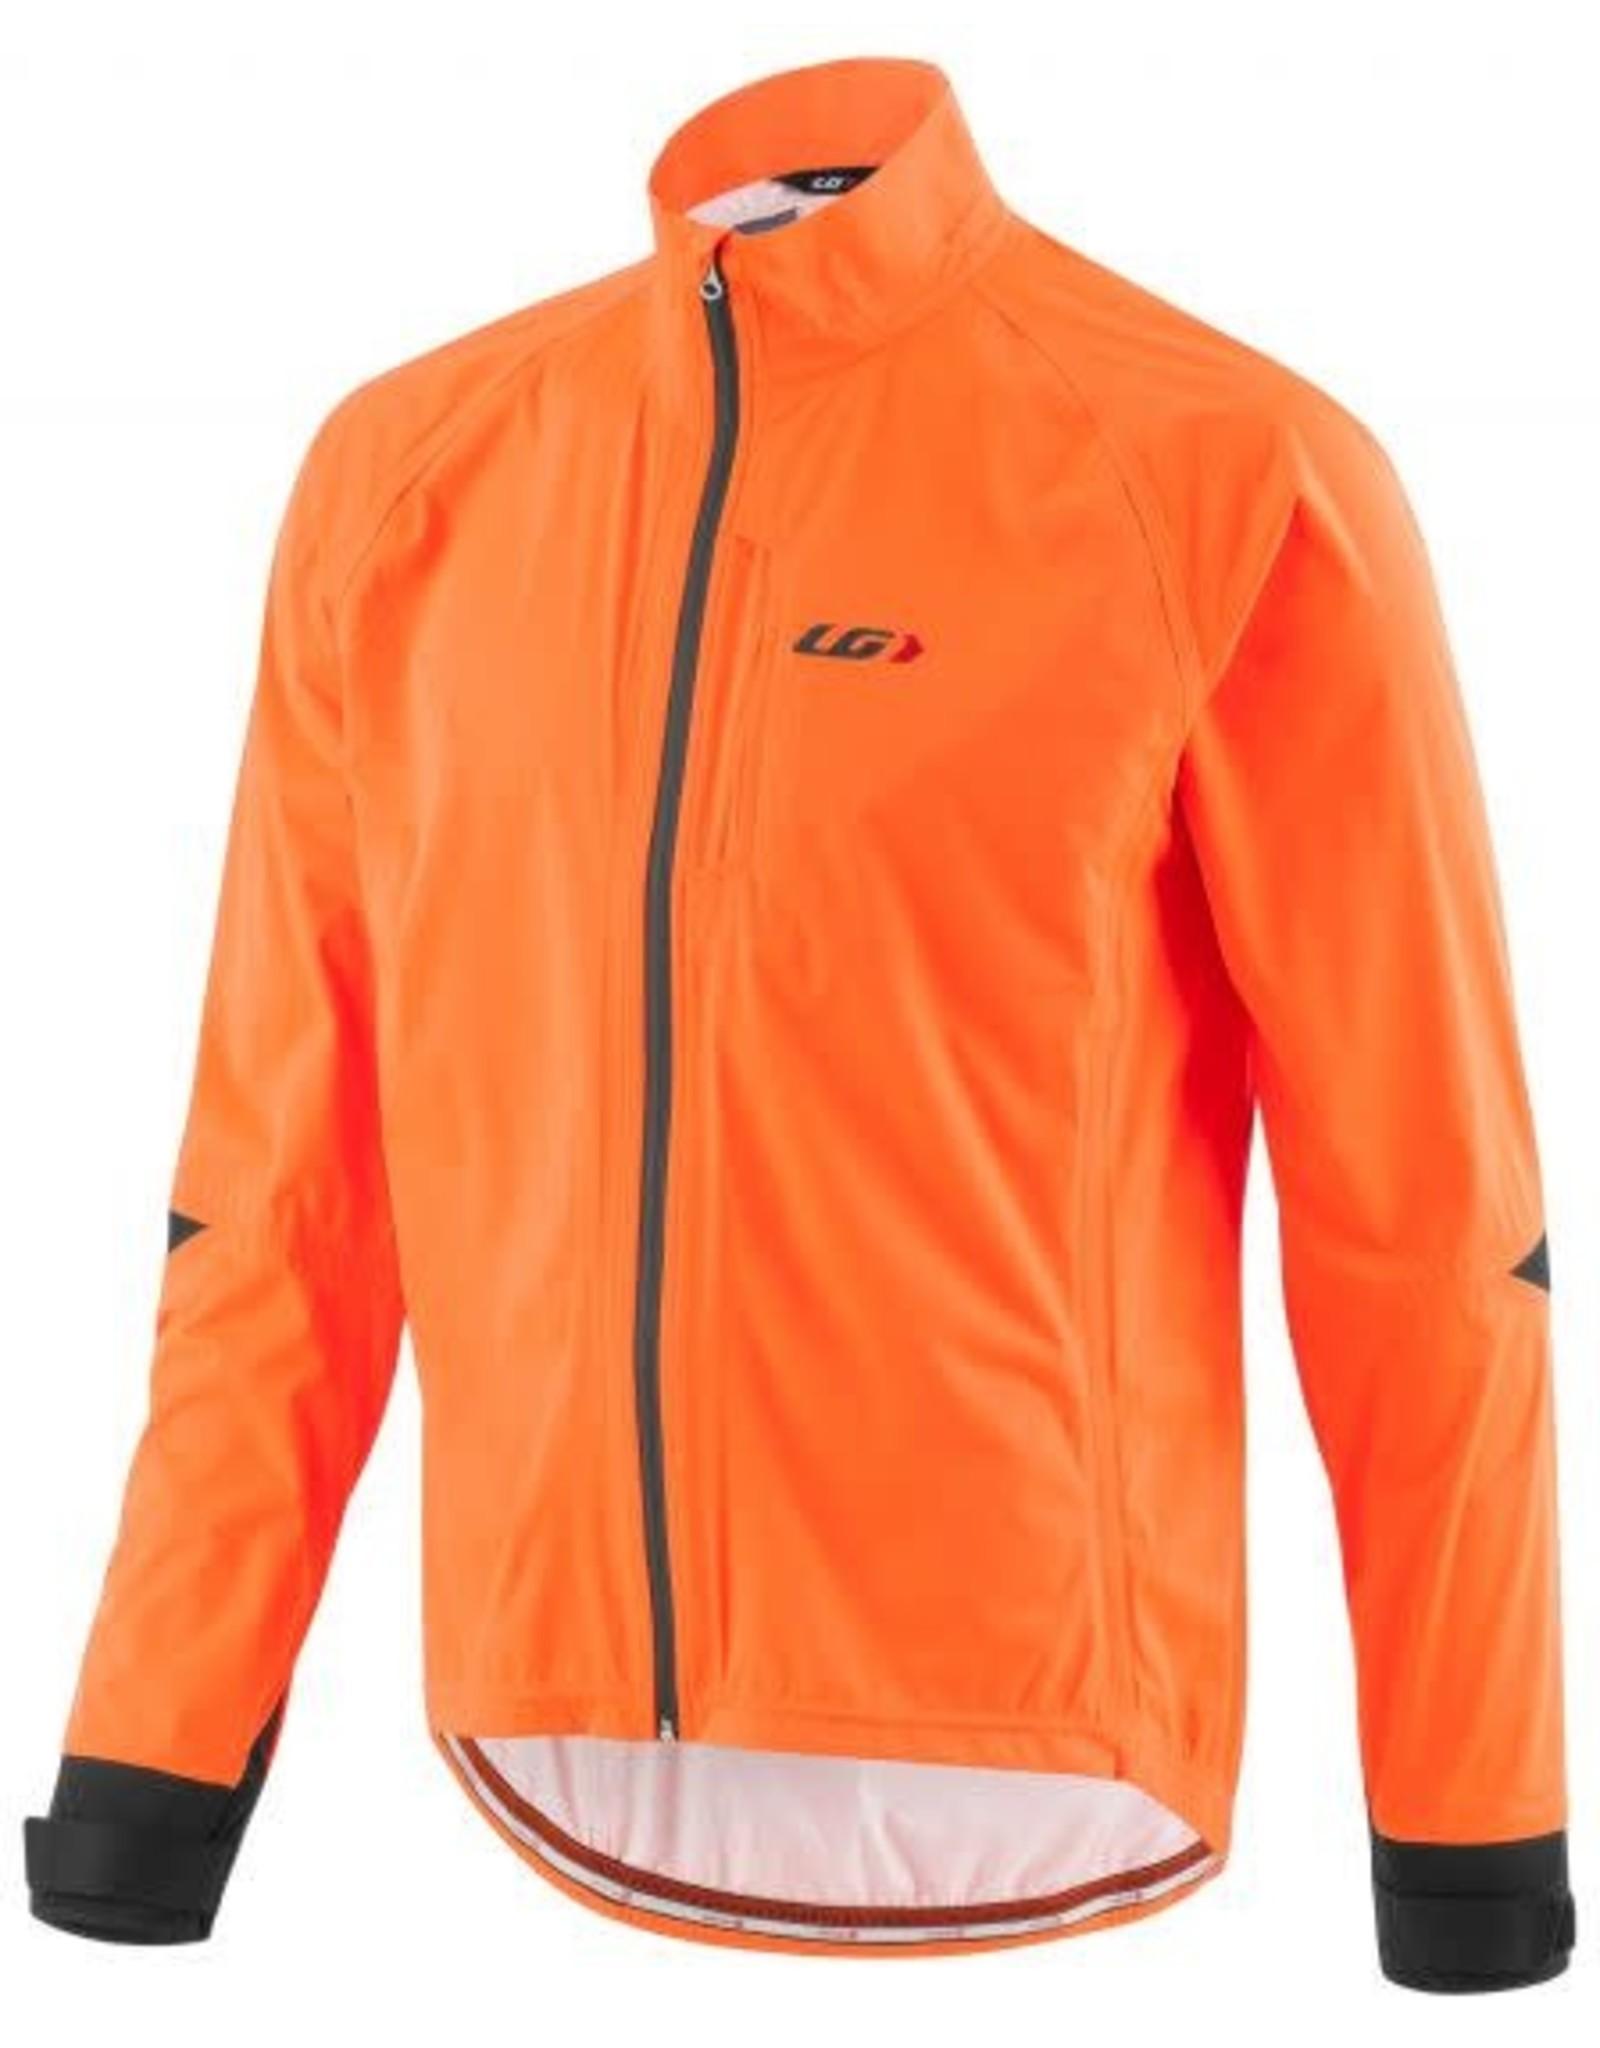 Garneau Garneau Commit WP Men's Jacket